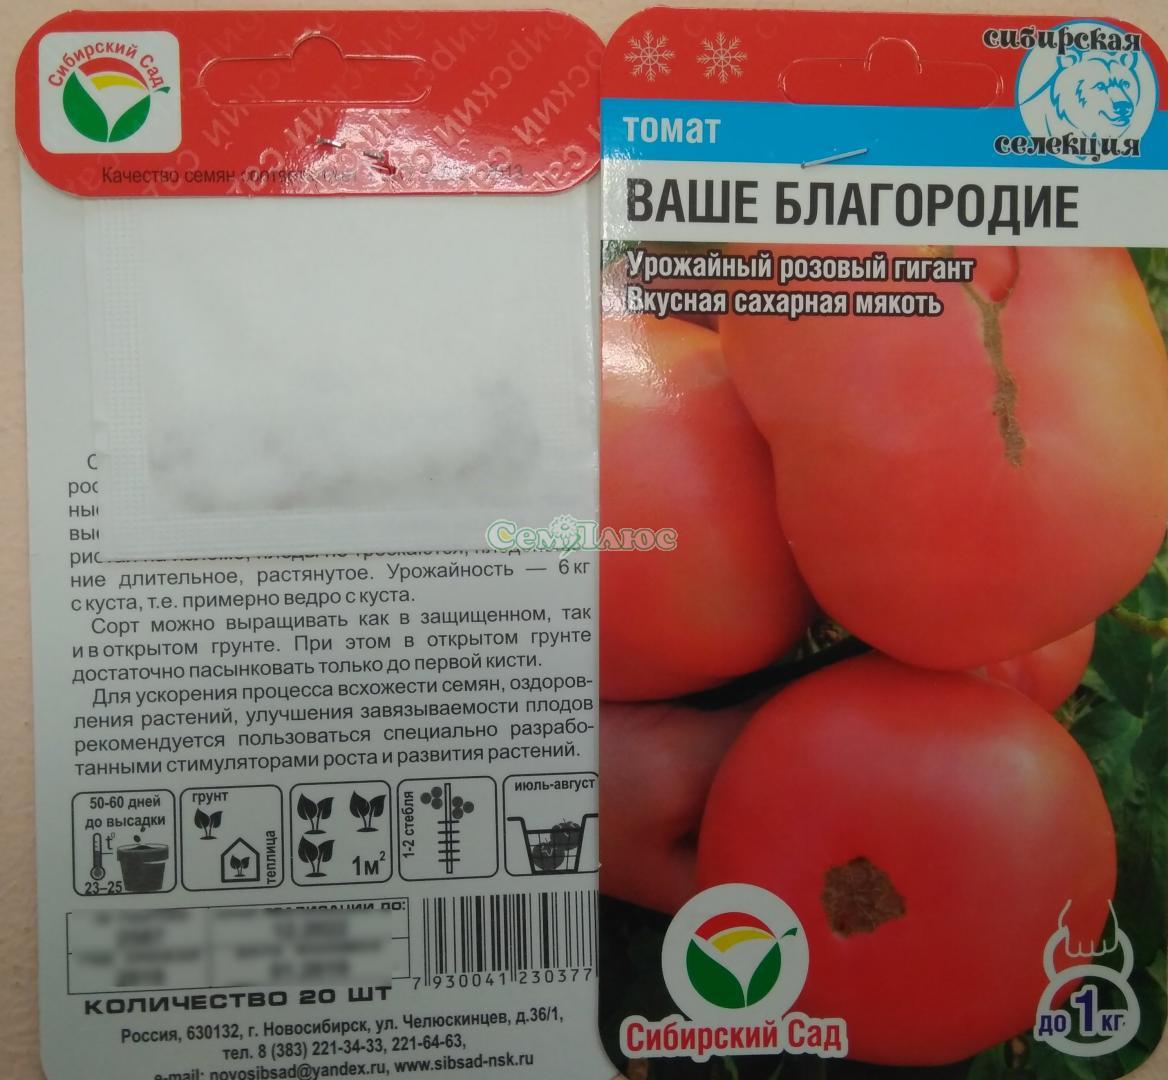 Томат даренка: сибирский сад, характеристика, описание сорта, отзывы, фото, урожайность